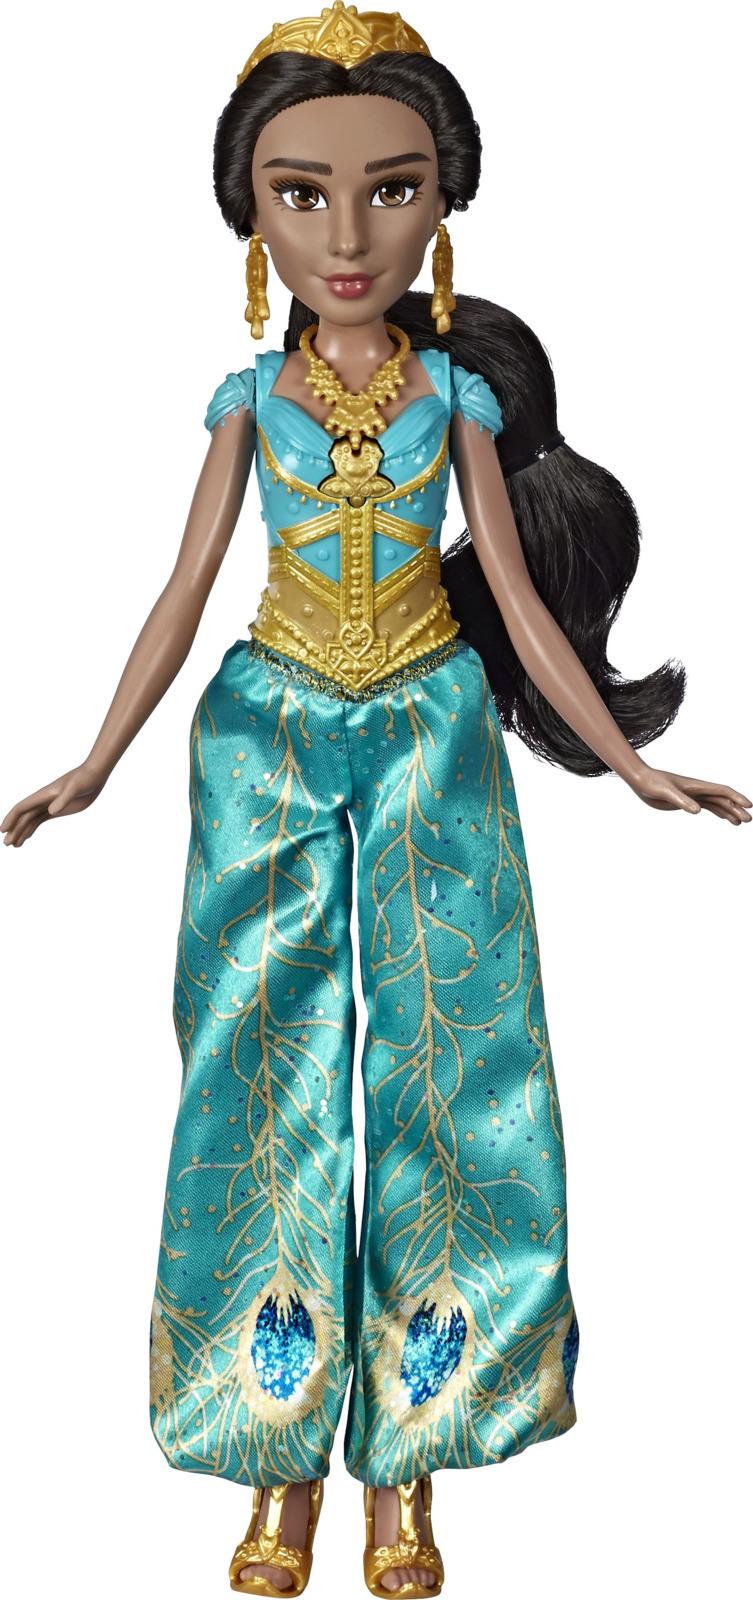 Кукла Disney Princess Aladdin Fashion Doll Жасмин, E5442EU4 цена